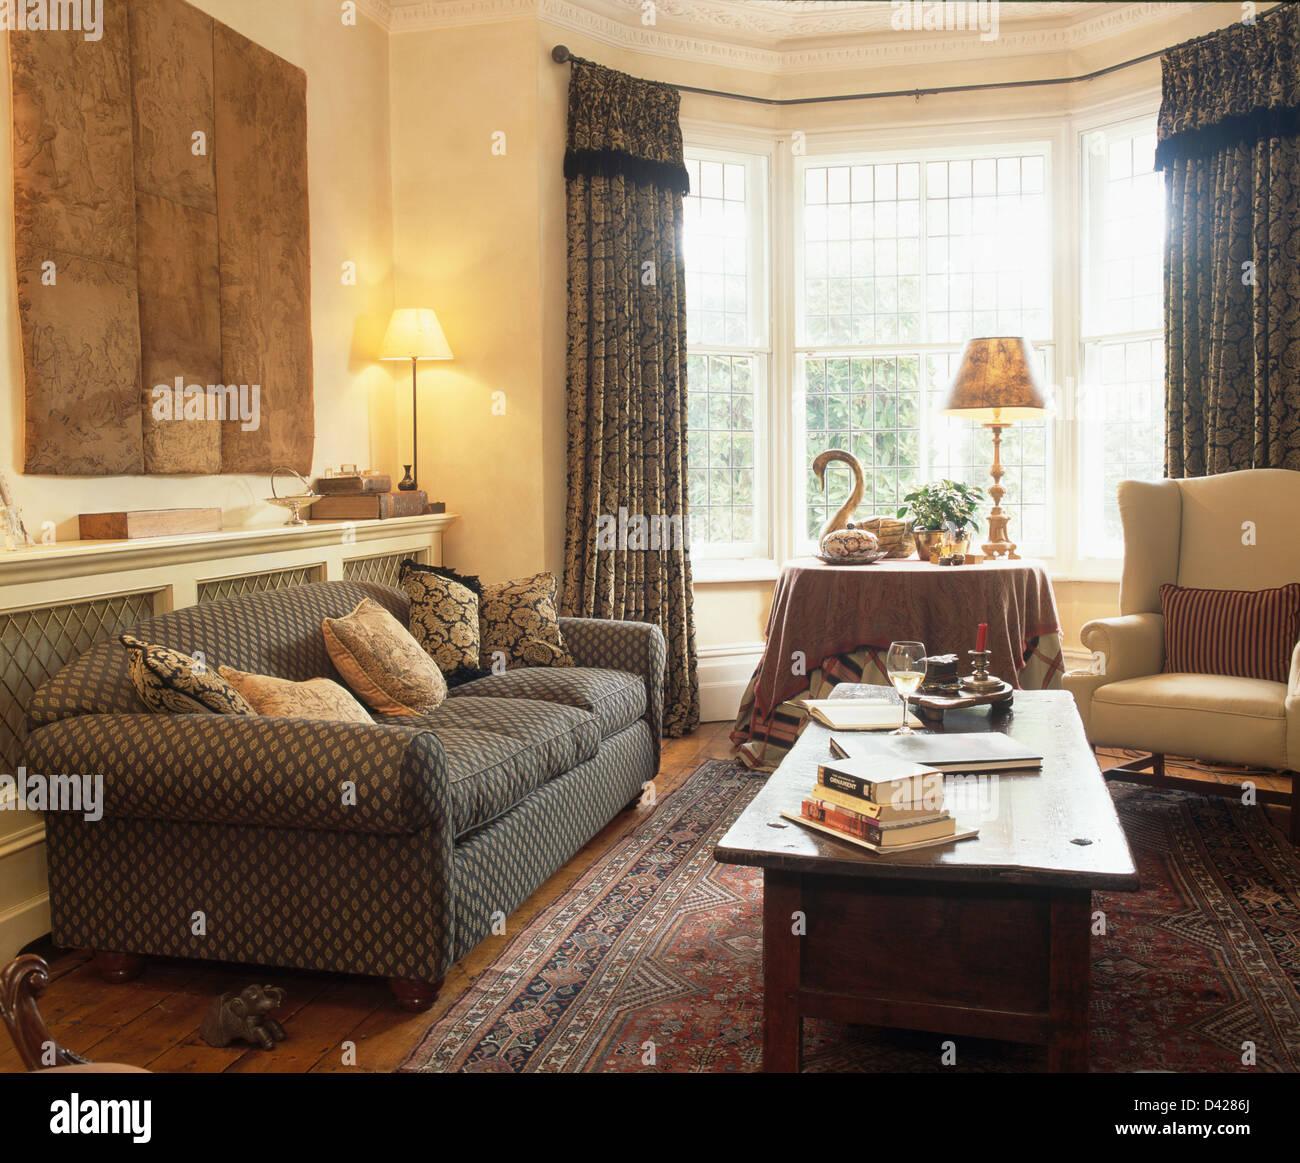 Große Graue Gemustertes Sofa Unter Abstrakter Malerei Im Traditionellen  Wohnzimmer Mit Niedrigen Holzkiste Und Grau Drapiert Auf Erker